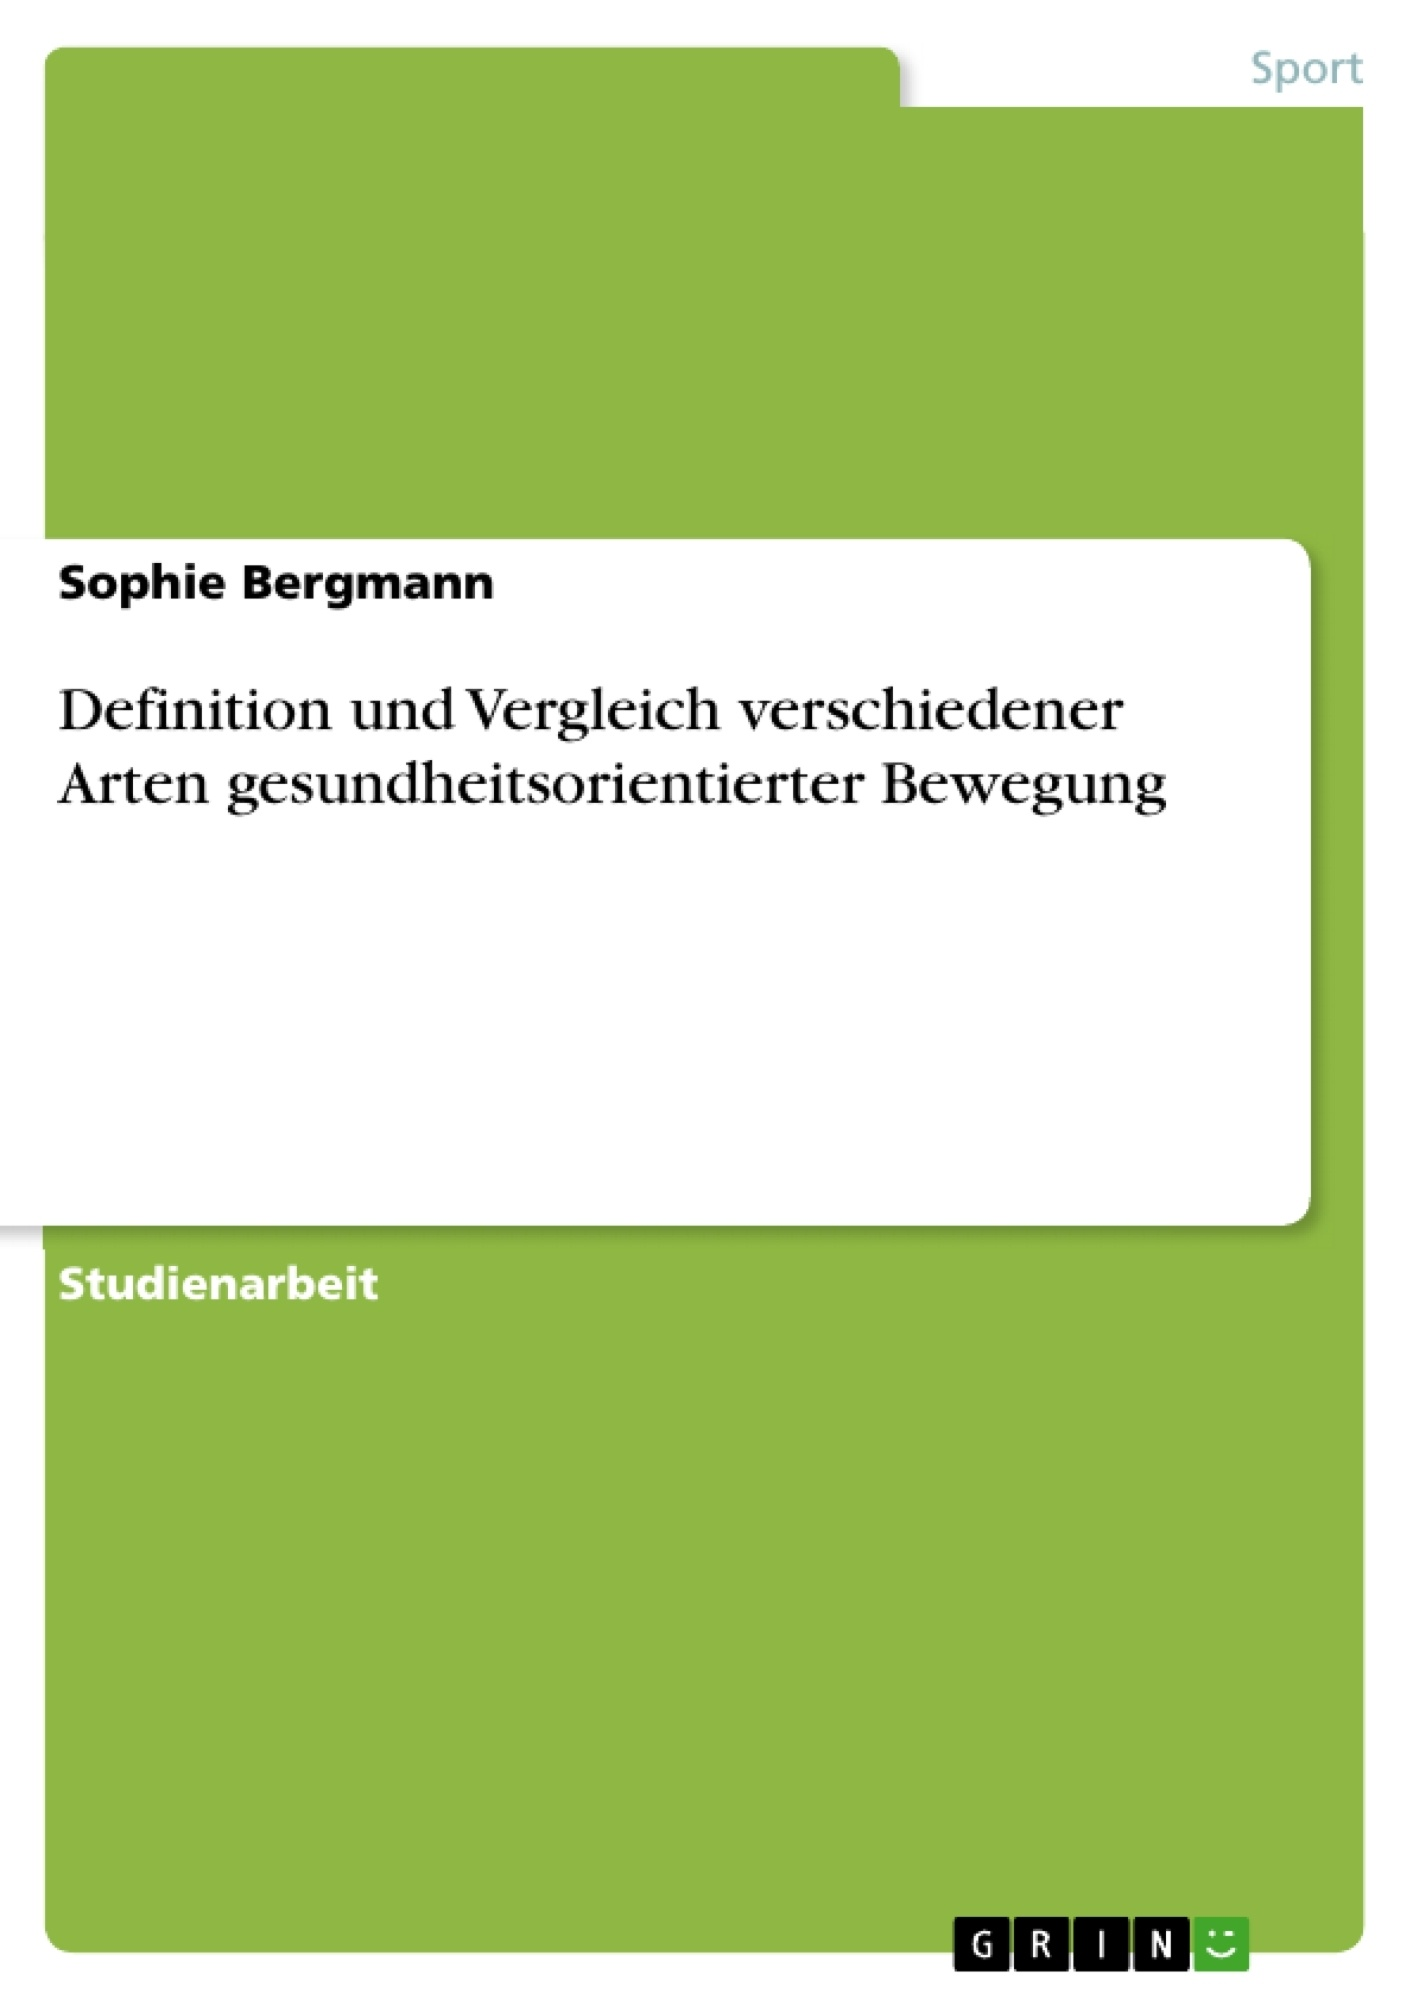 Titel: Definition und Vergleich verschiedener Arten gesundheitsorientierter Bewegung